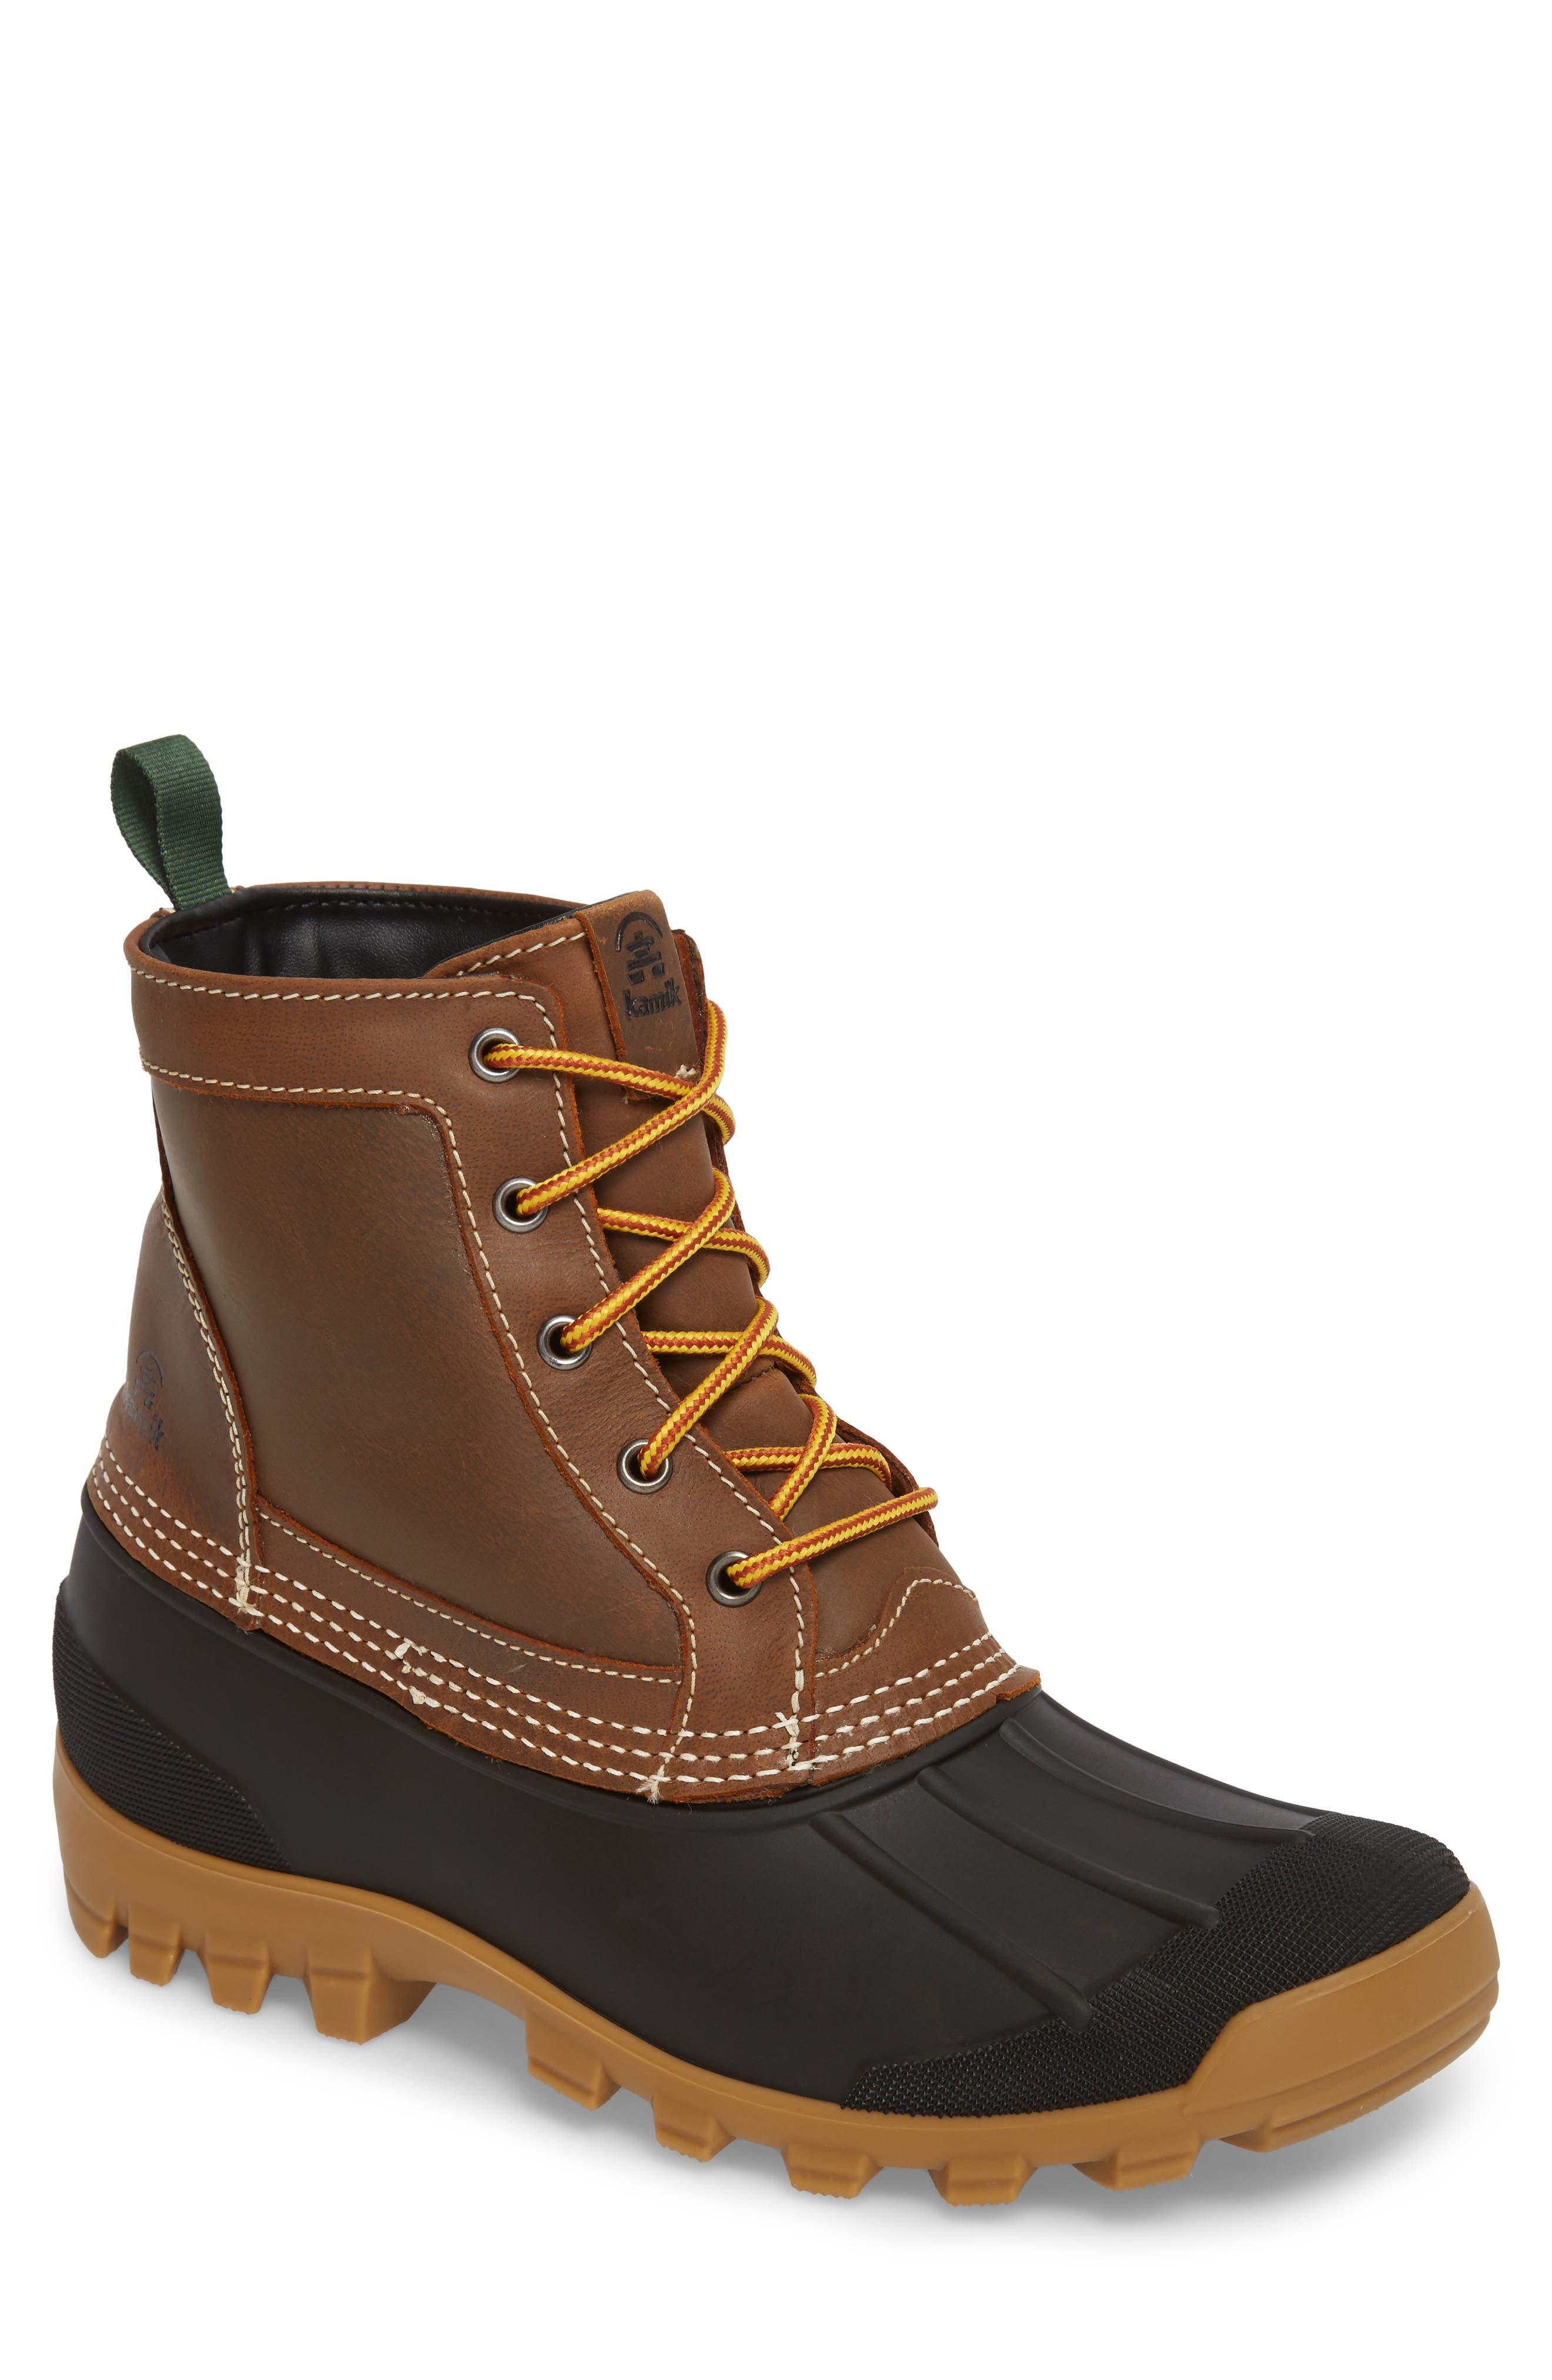 Main Image - Kamik Yukon 5 Waterproof Insulated Three-Season Boot (Men)